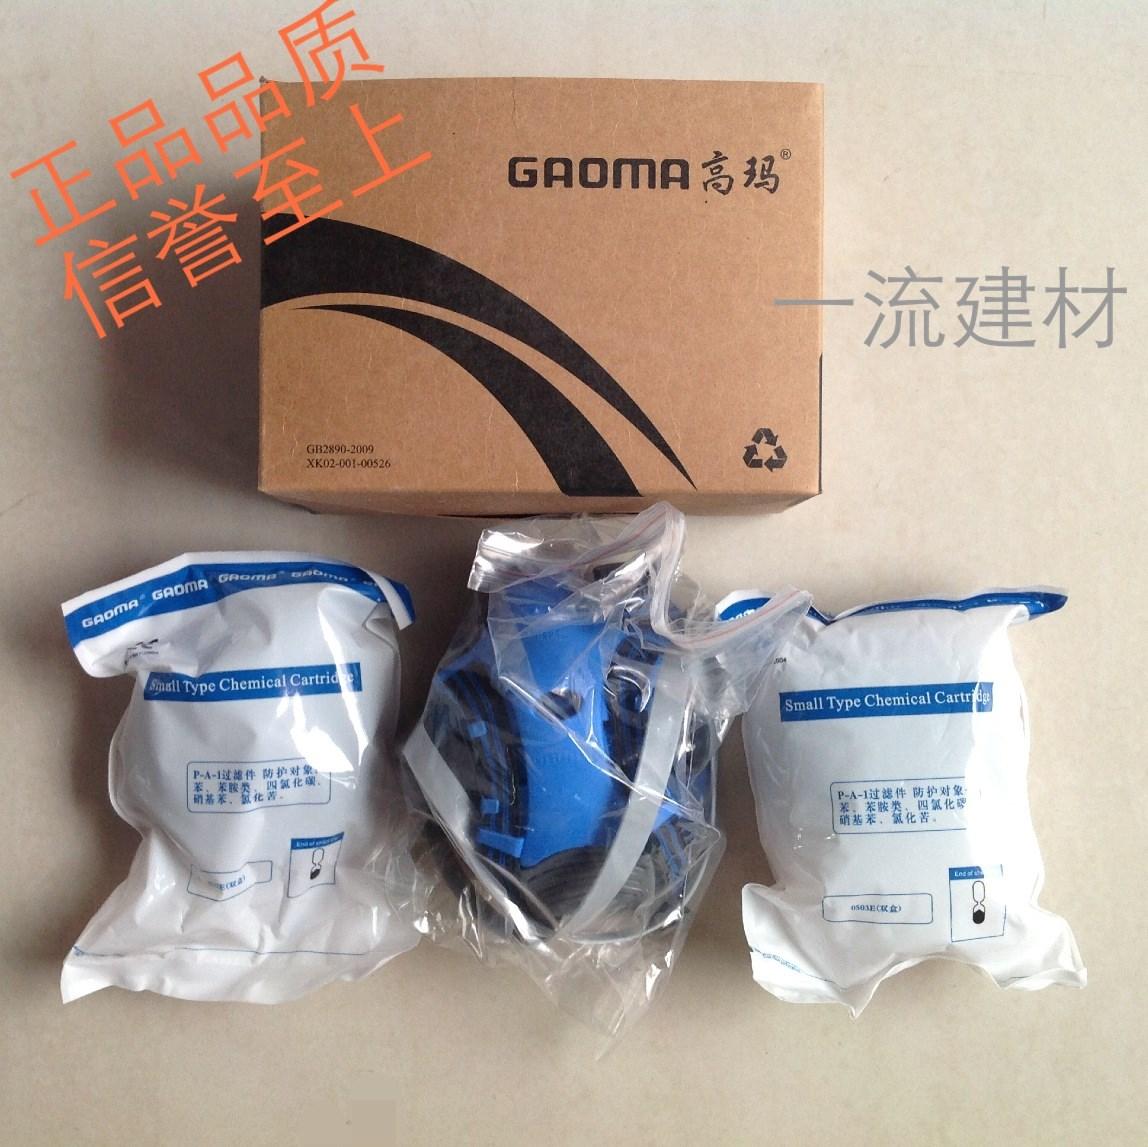 高玛gm0503E 双过滤器防毒半面口罩